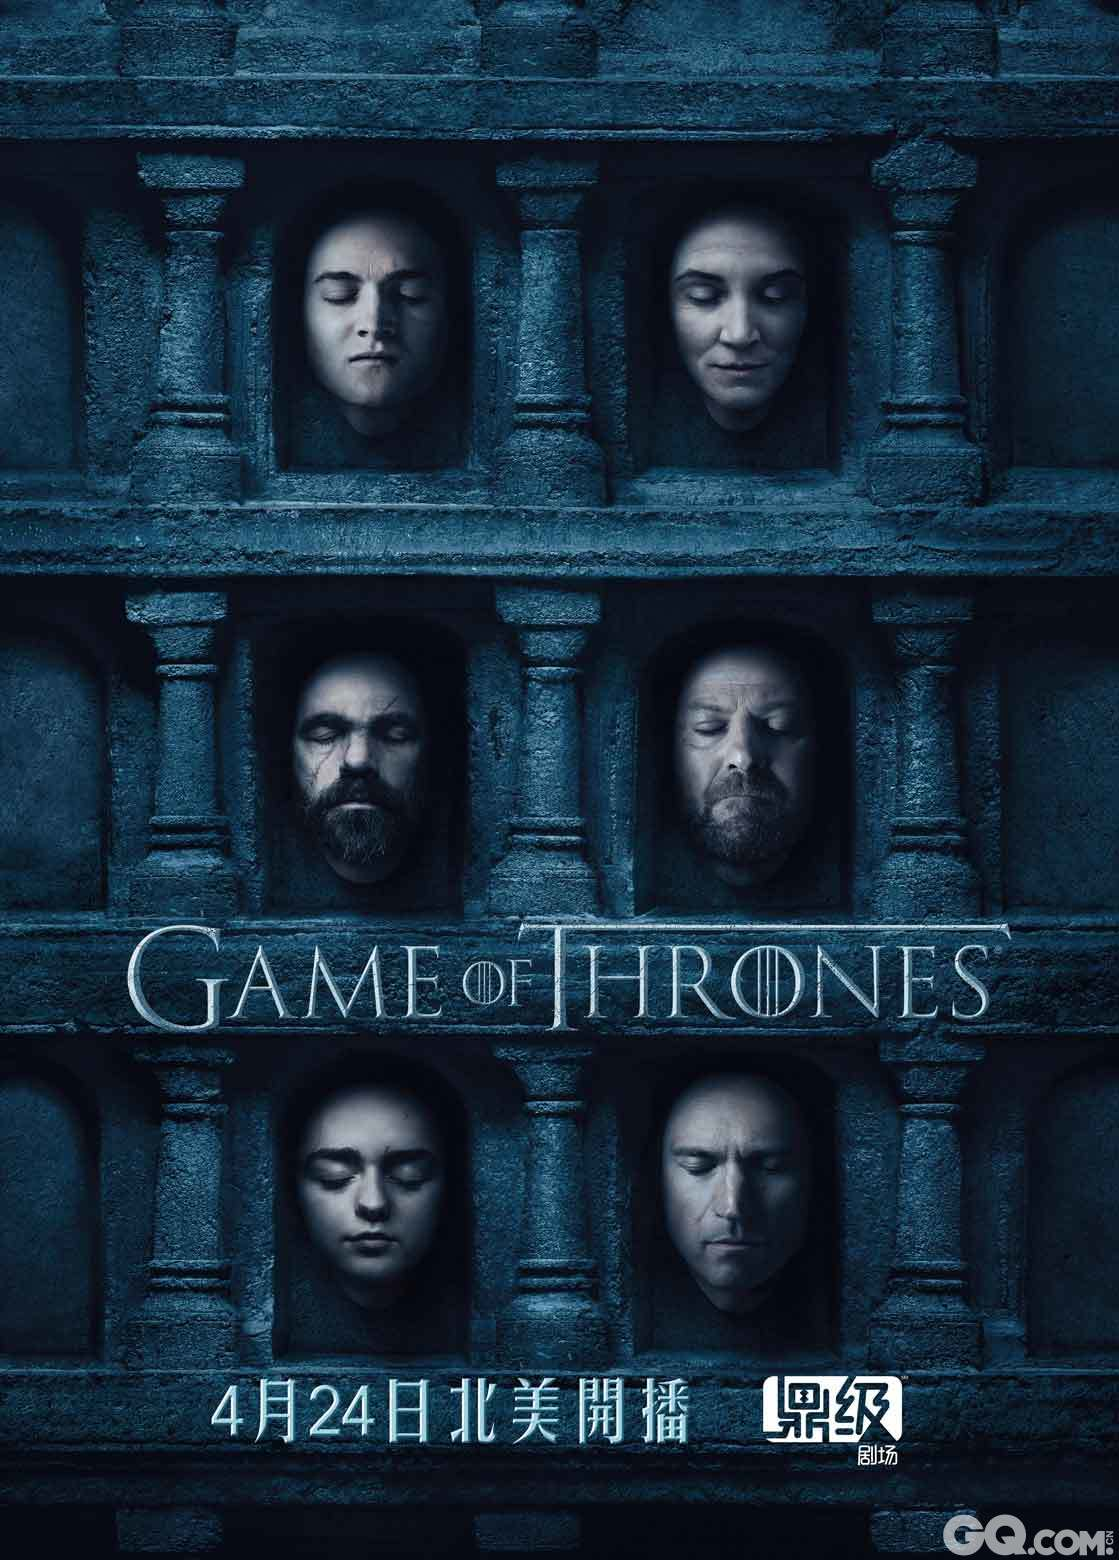 广受好评的HBO强档剧集《权力的游戏》(Game of Thrones)第一次在全球各个市场同步公开最新第六季的主视觉图与角色海报。在中国,《权力的游戏》第六季将通过鼎级剧场独家首映。